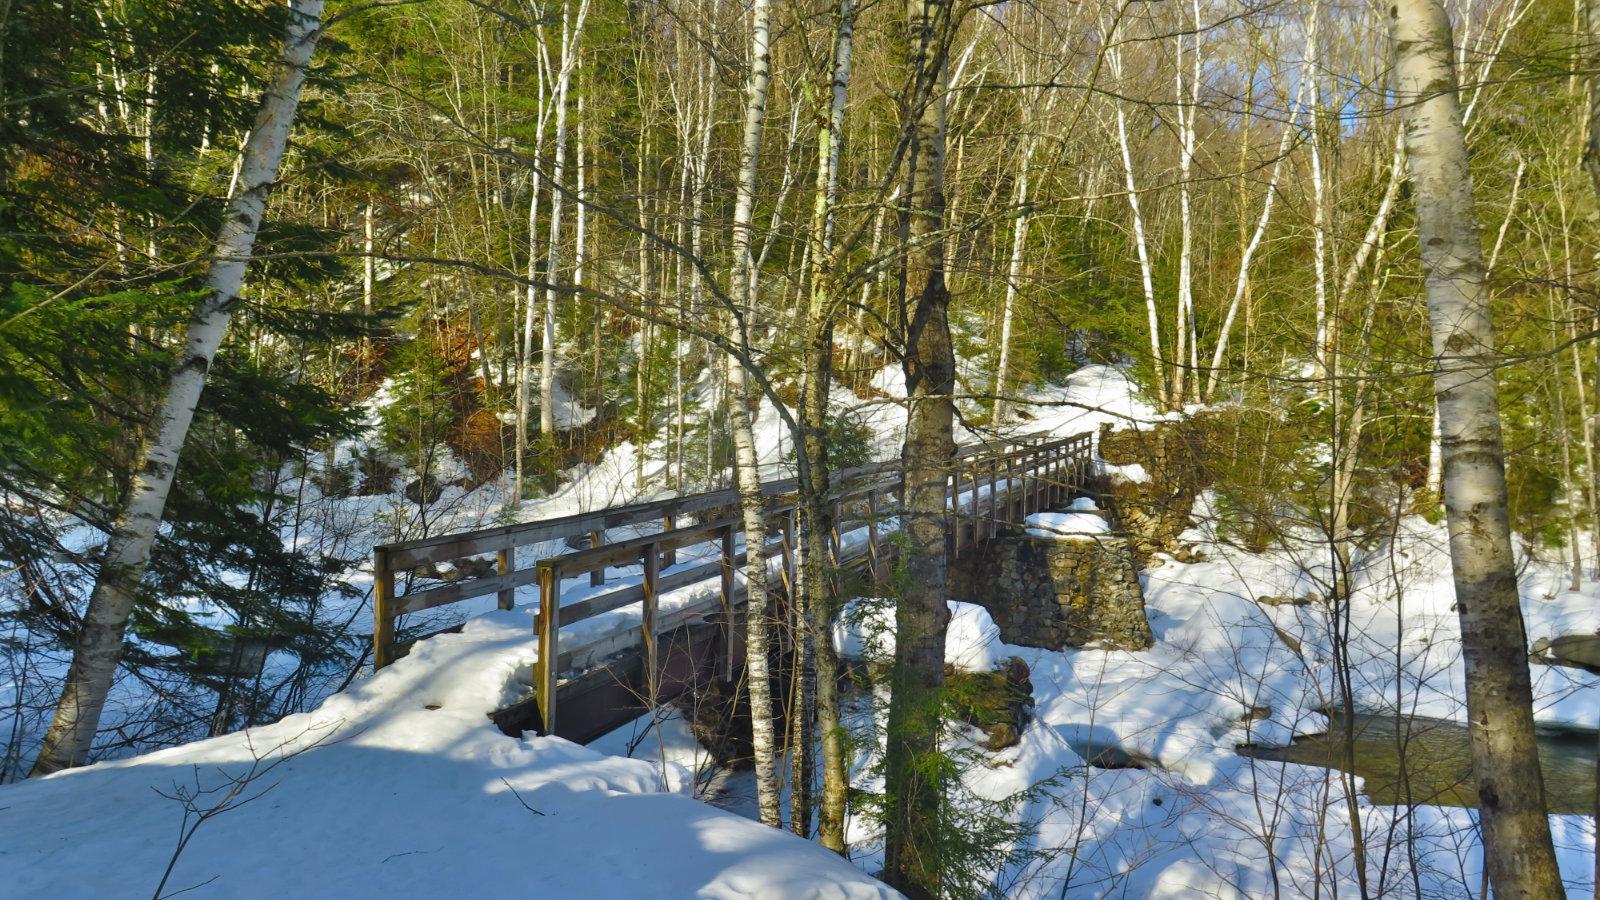 Pemi-East-Side-Franconia-Brook-Bridge-Oblique-20200303